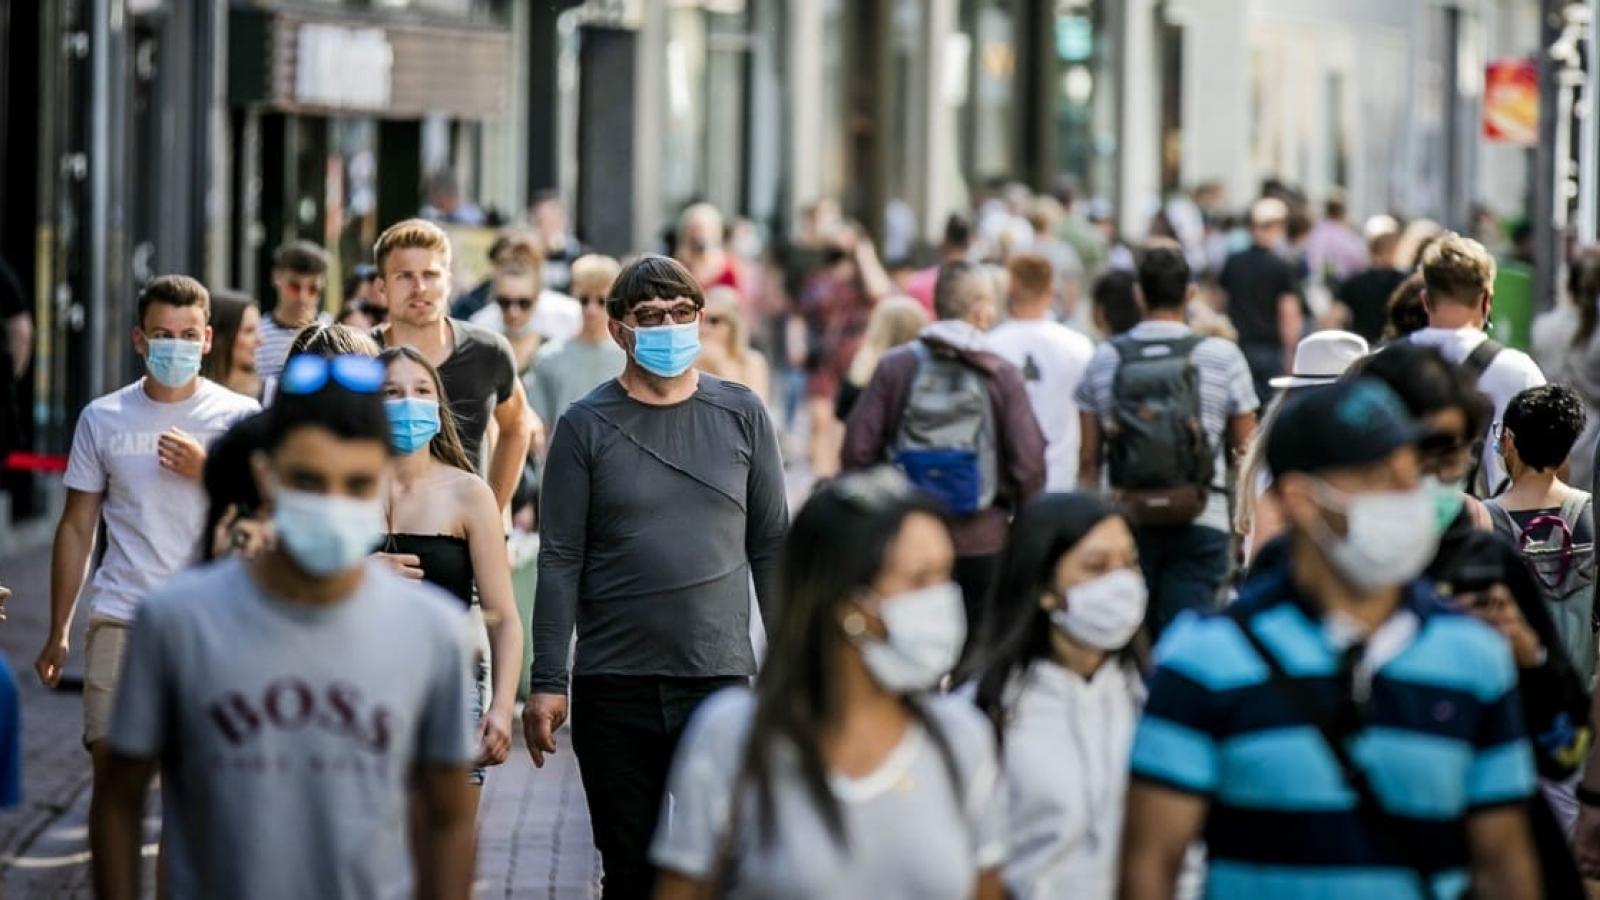 Chuyên gia Trung Quốc: Thế giới cần 2 - 3 năm để đạt miễn dịch cộng đồng